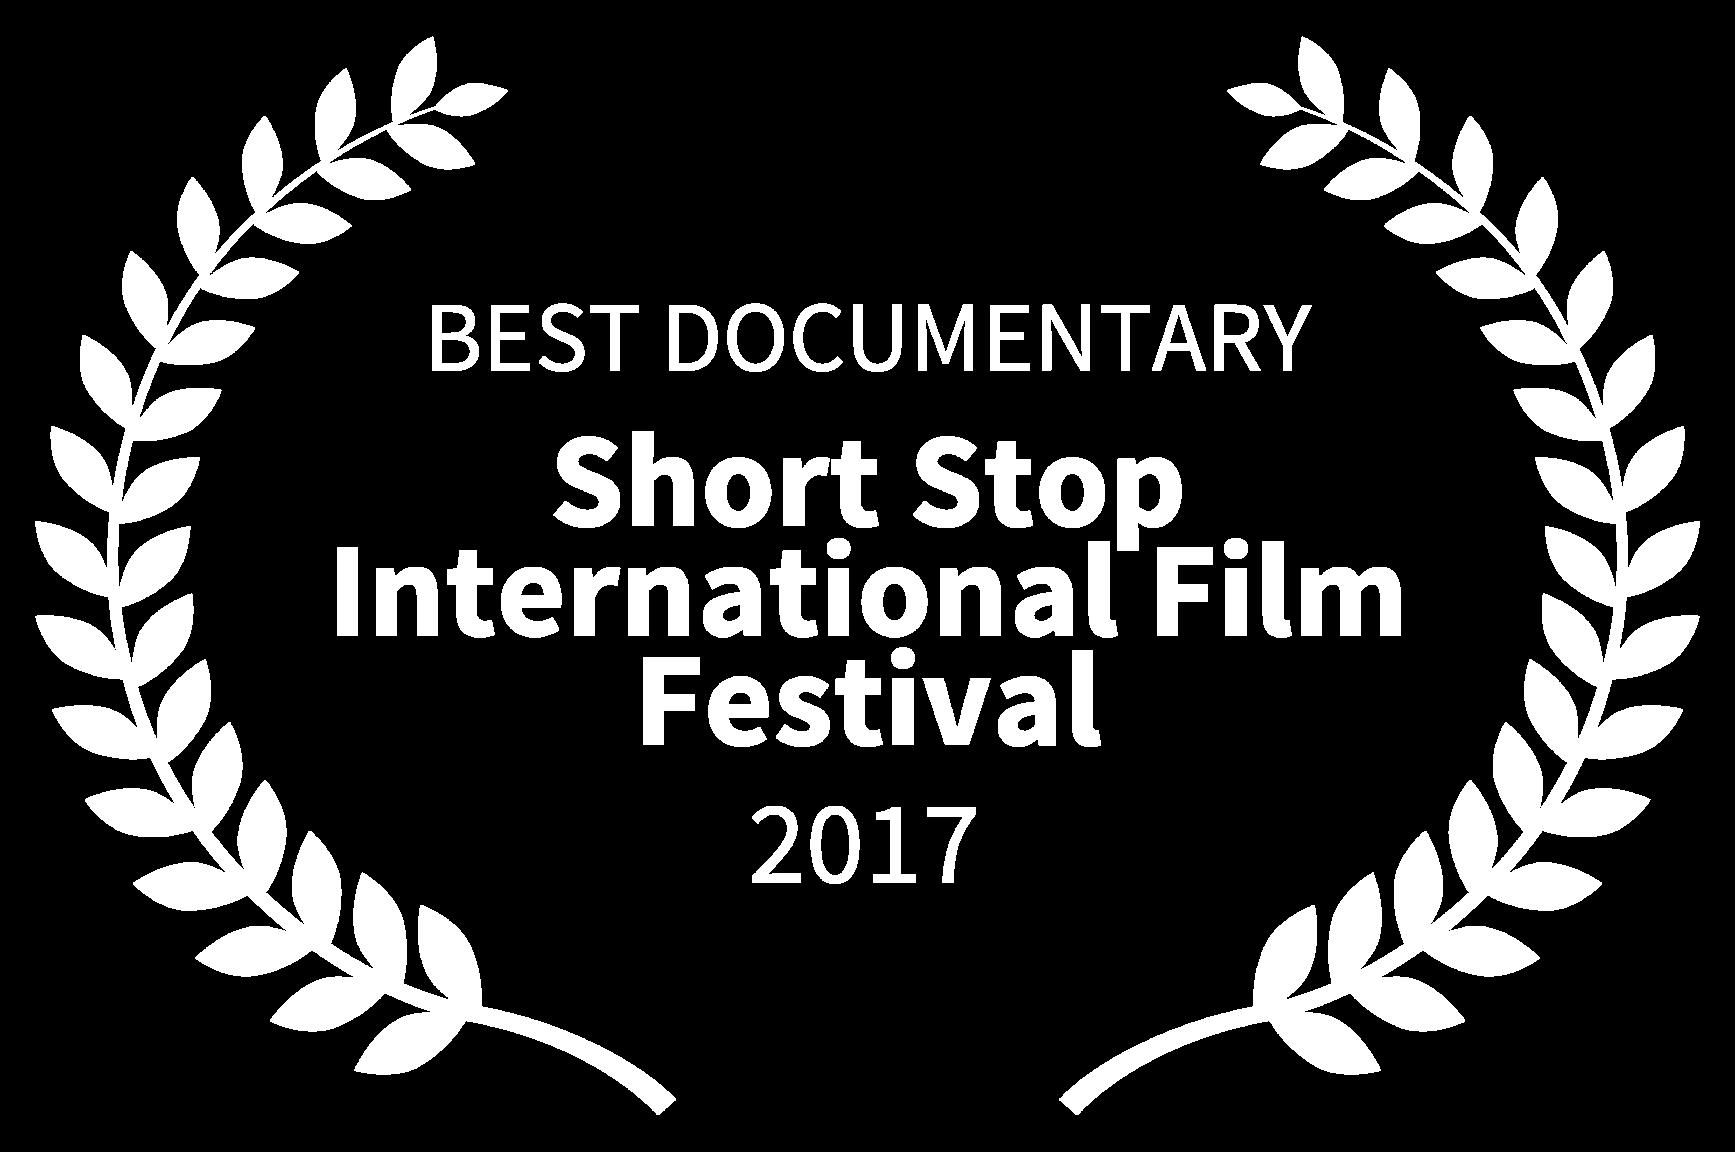 BEST DOCUMENTARY - Short Stop International Film Festival - 2017 (1)